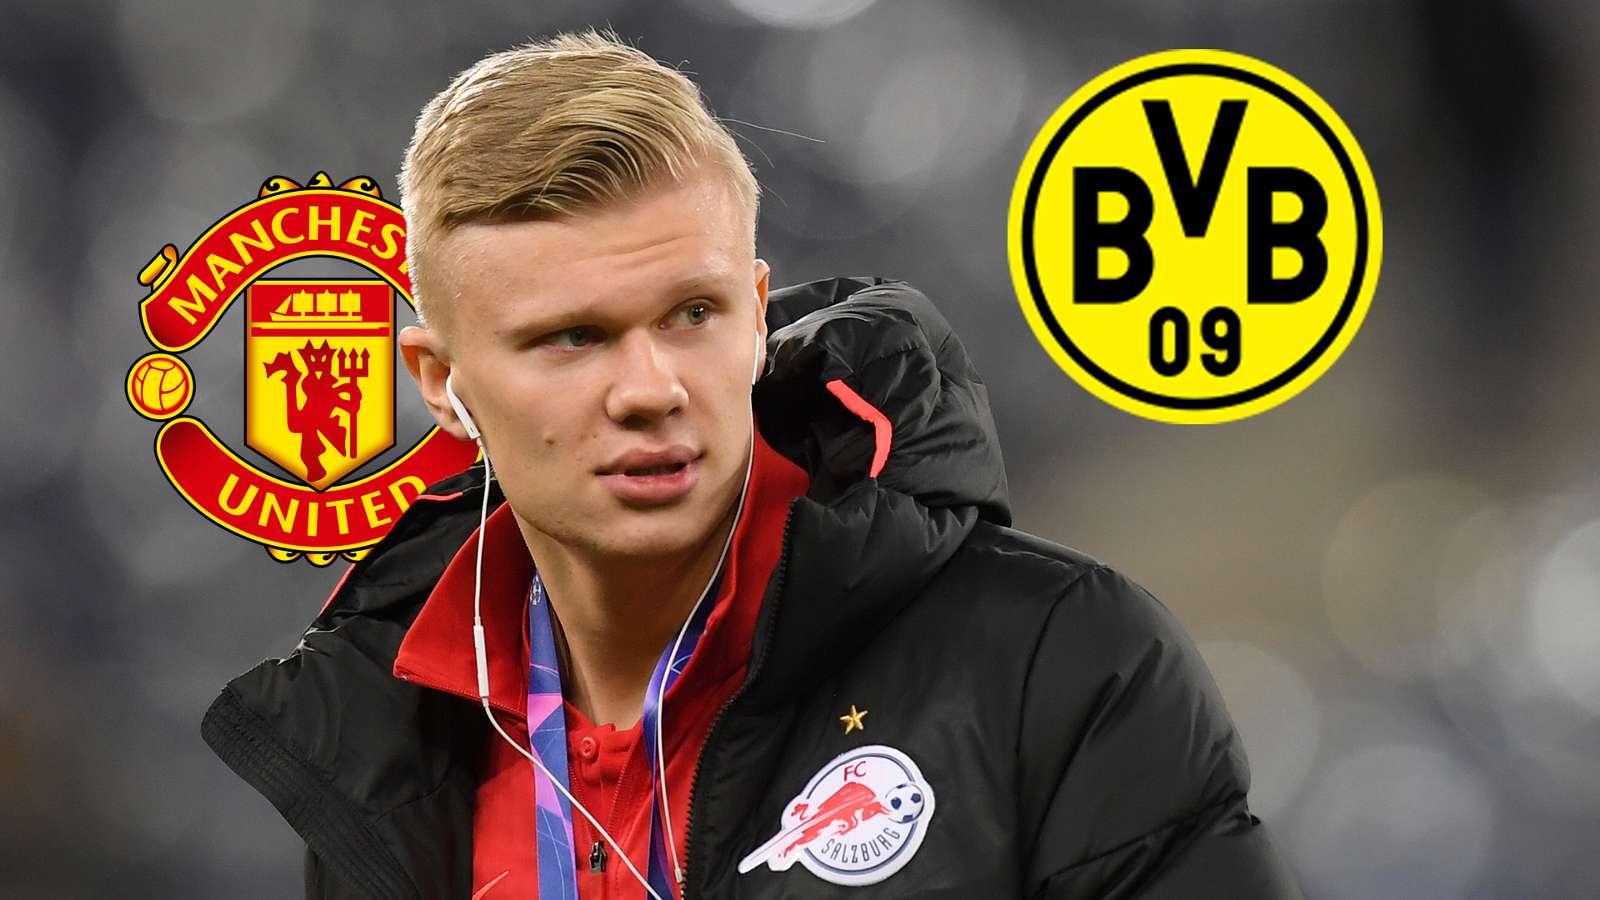 آلمان-بوندس لیگا-منچستریونایتد-دورتموند-Manchester United-Dortmund